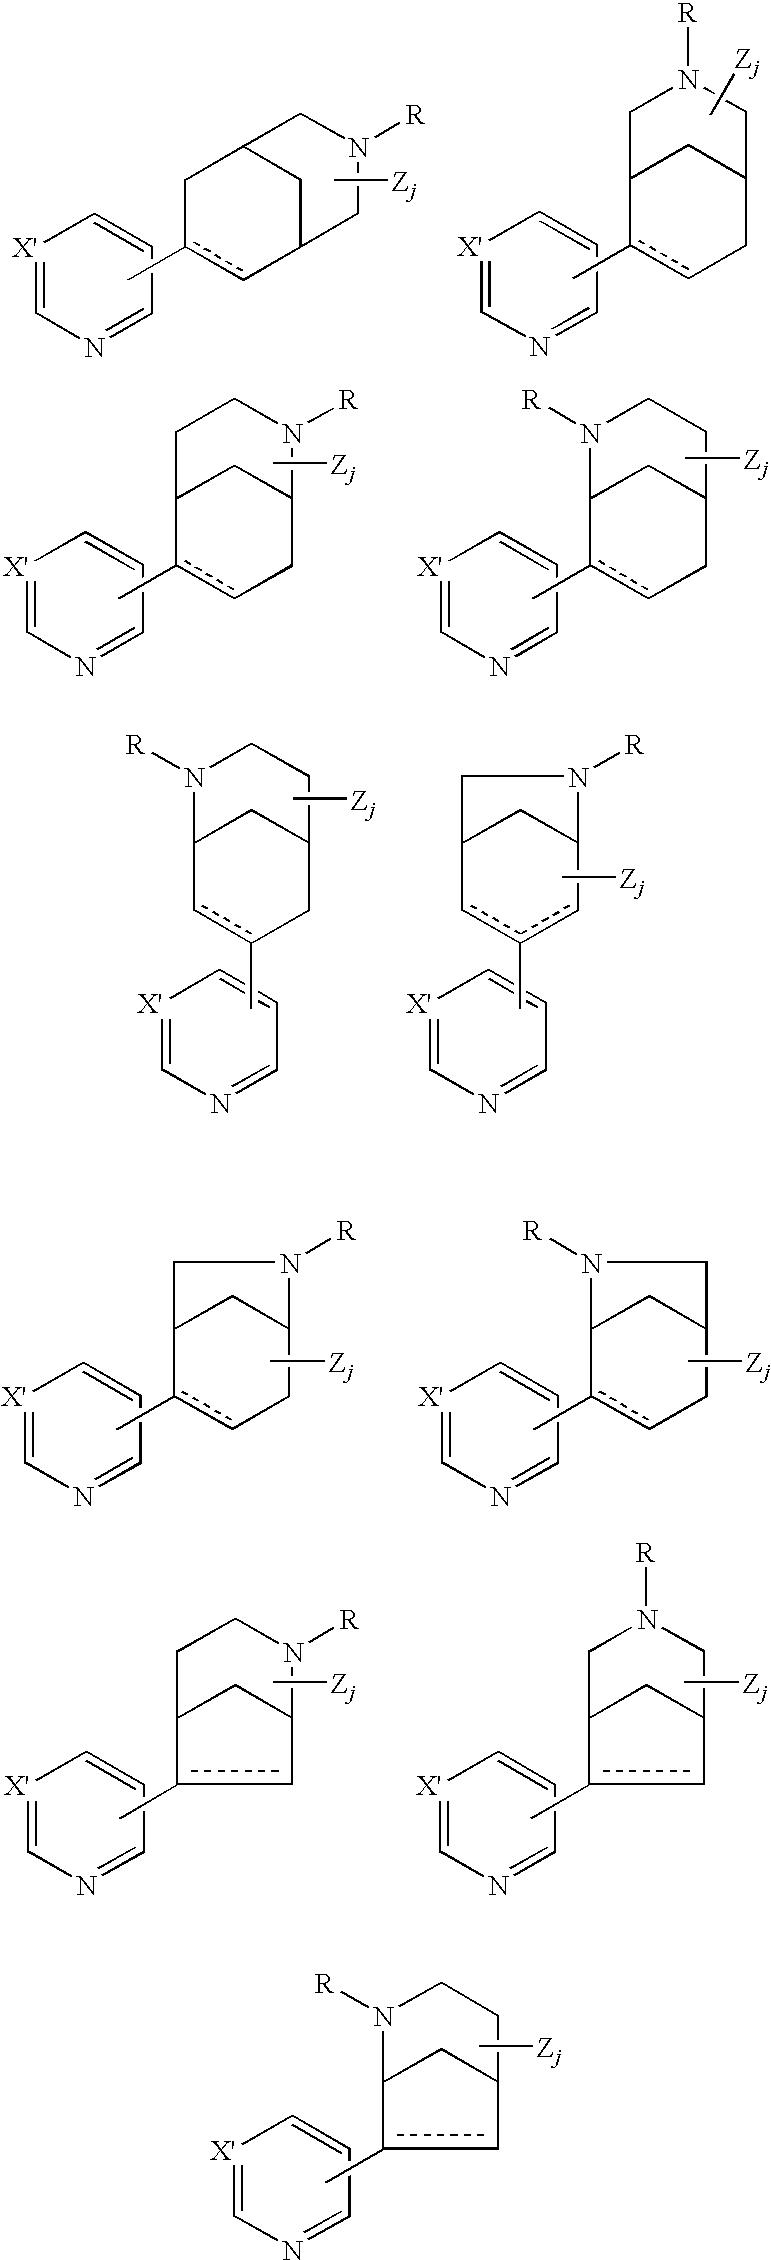 Figure US20100152228A1-20100617-C00005